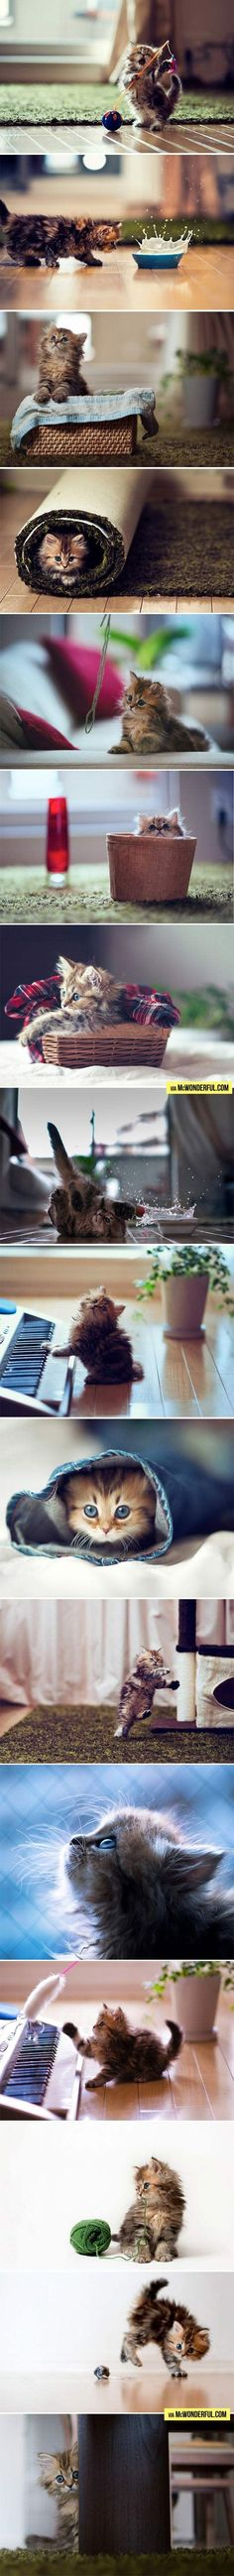 En menudoanimal.com tenemos todo lo que necesitas para criar a tu gatito con donativo incluido para una protectora. Únete al proyecto solidario!